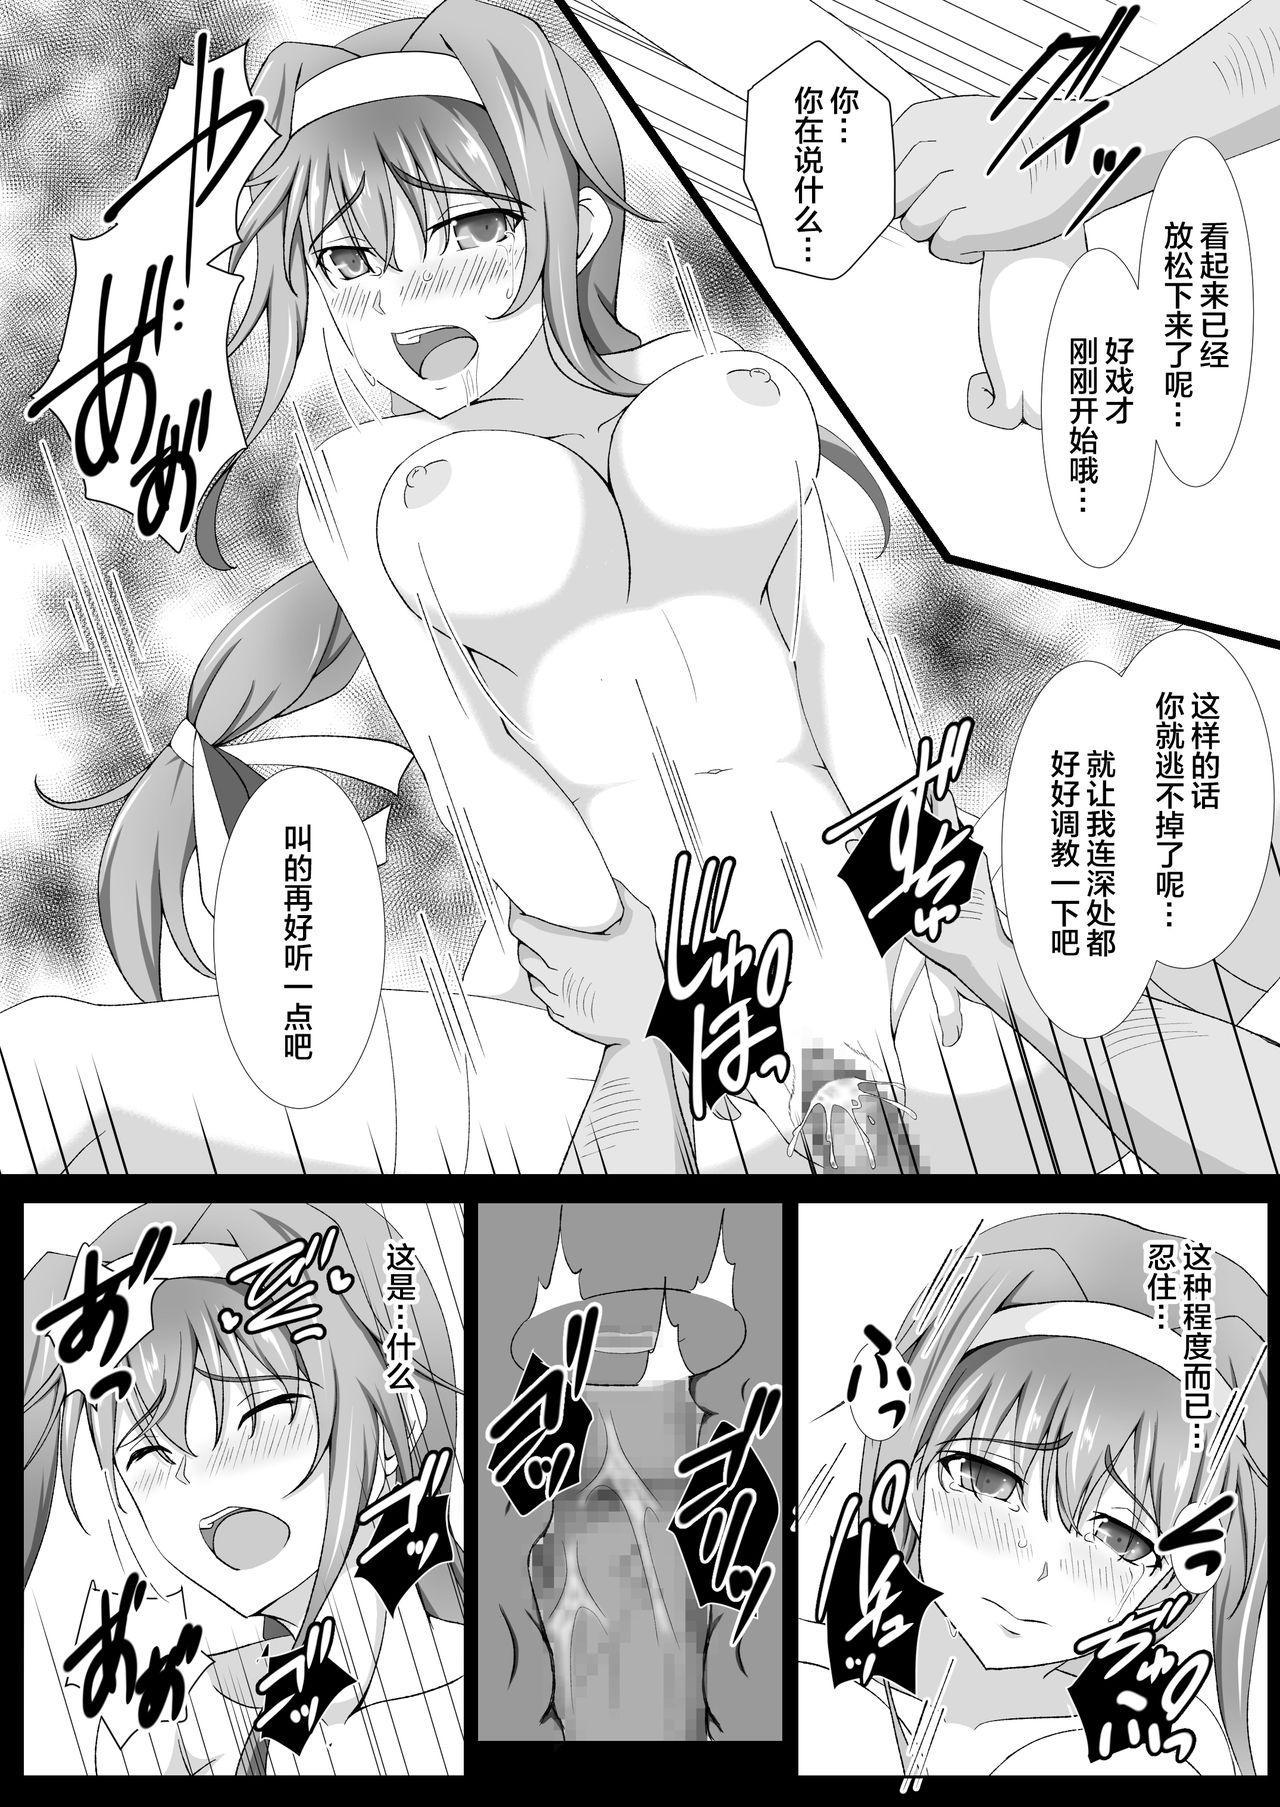 Zainin no Tenshoku 13